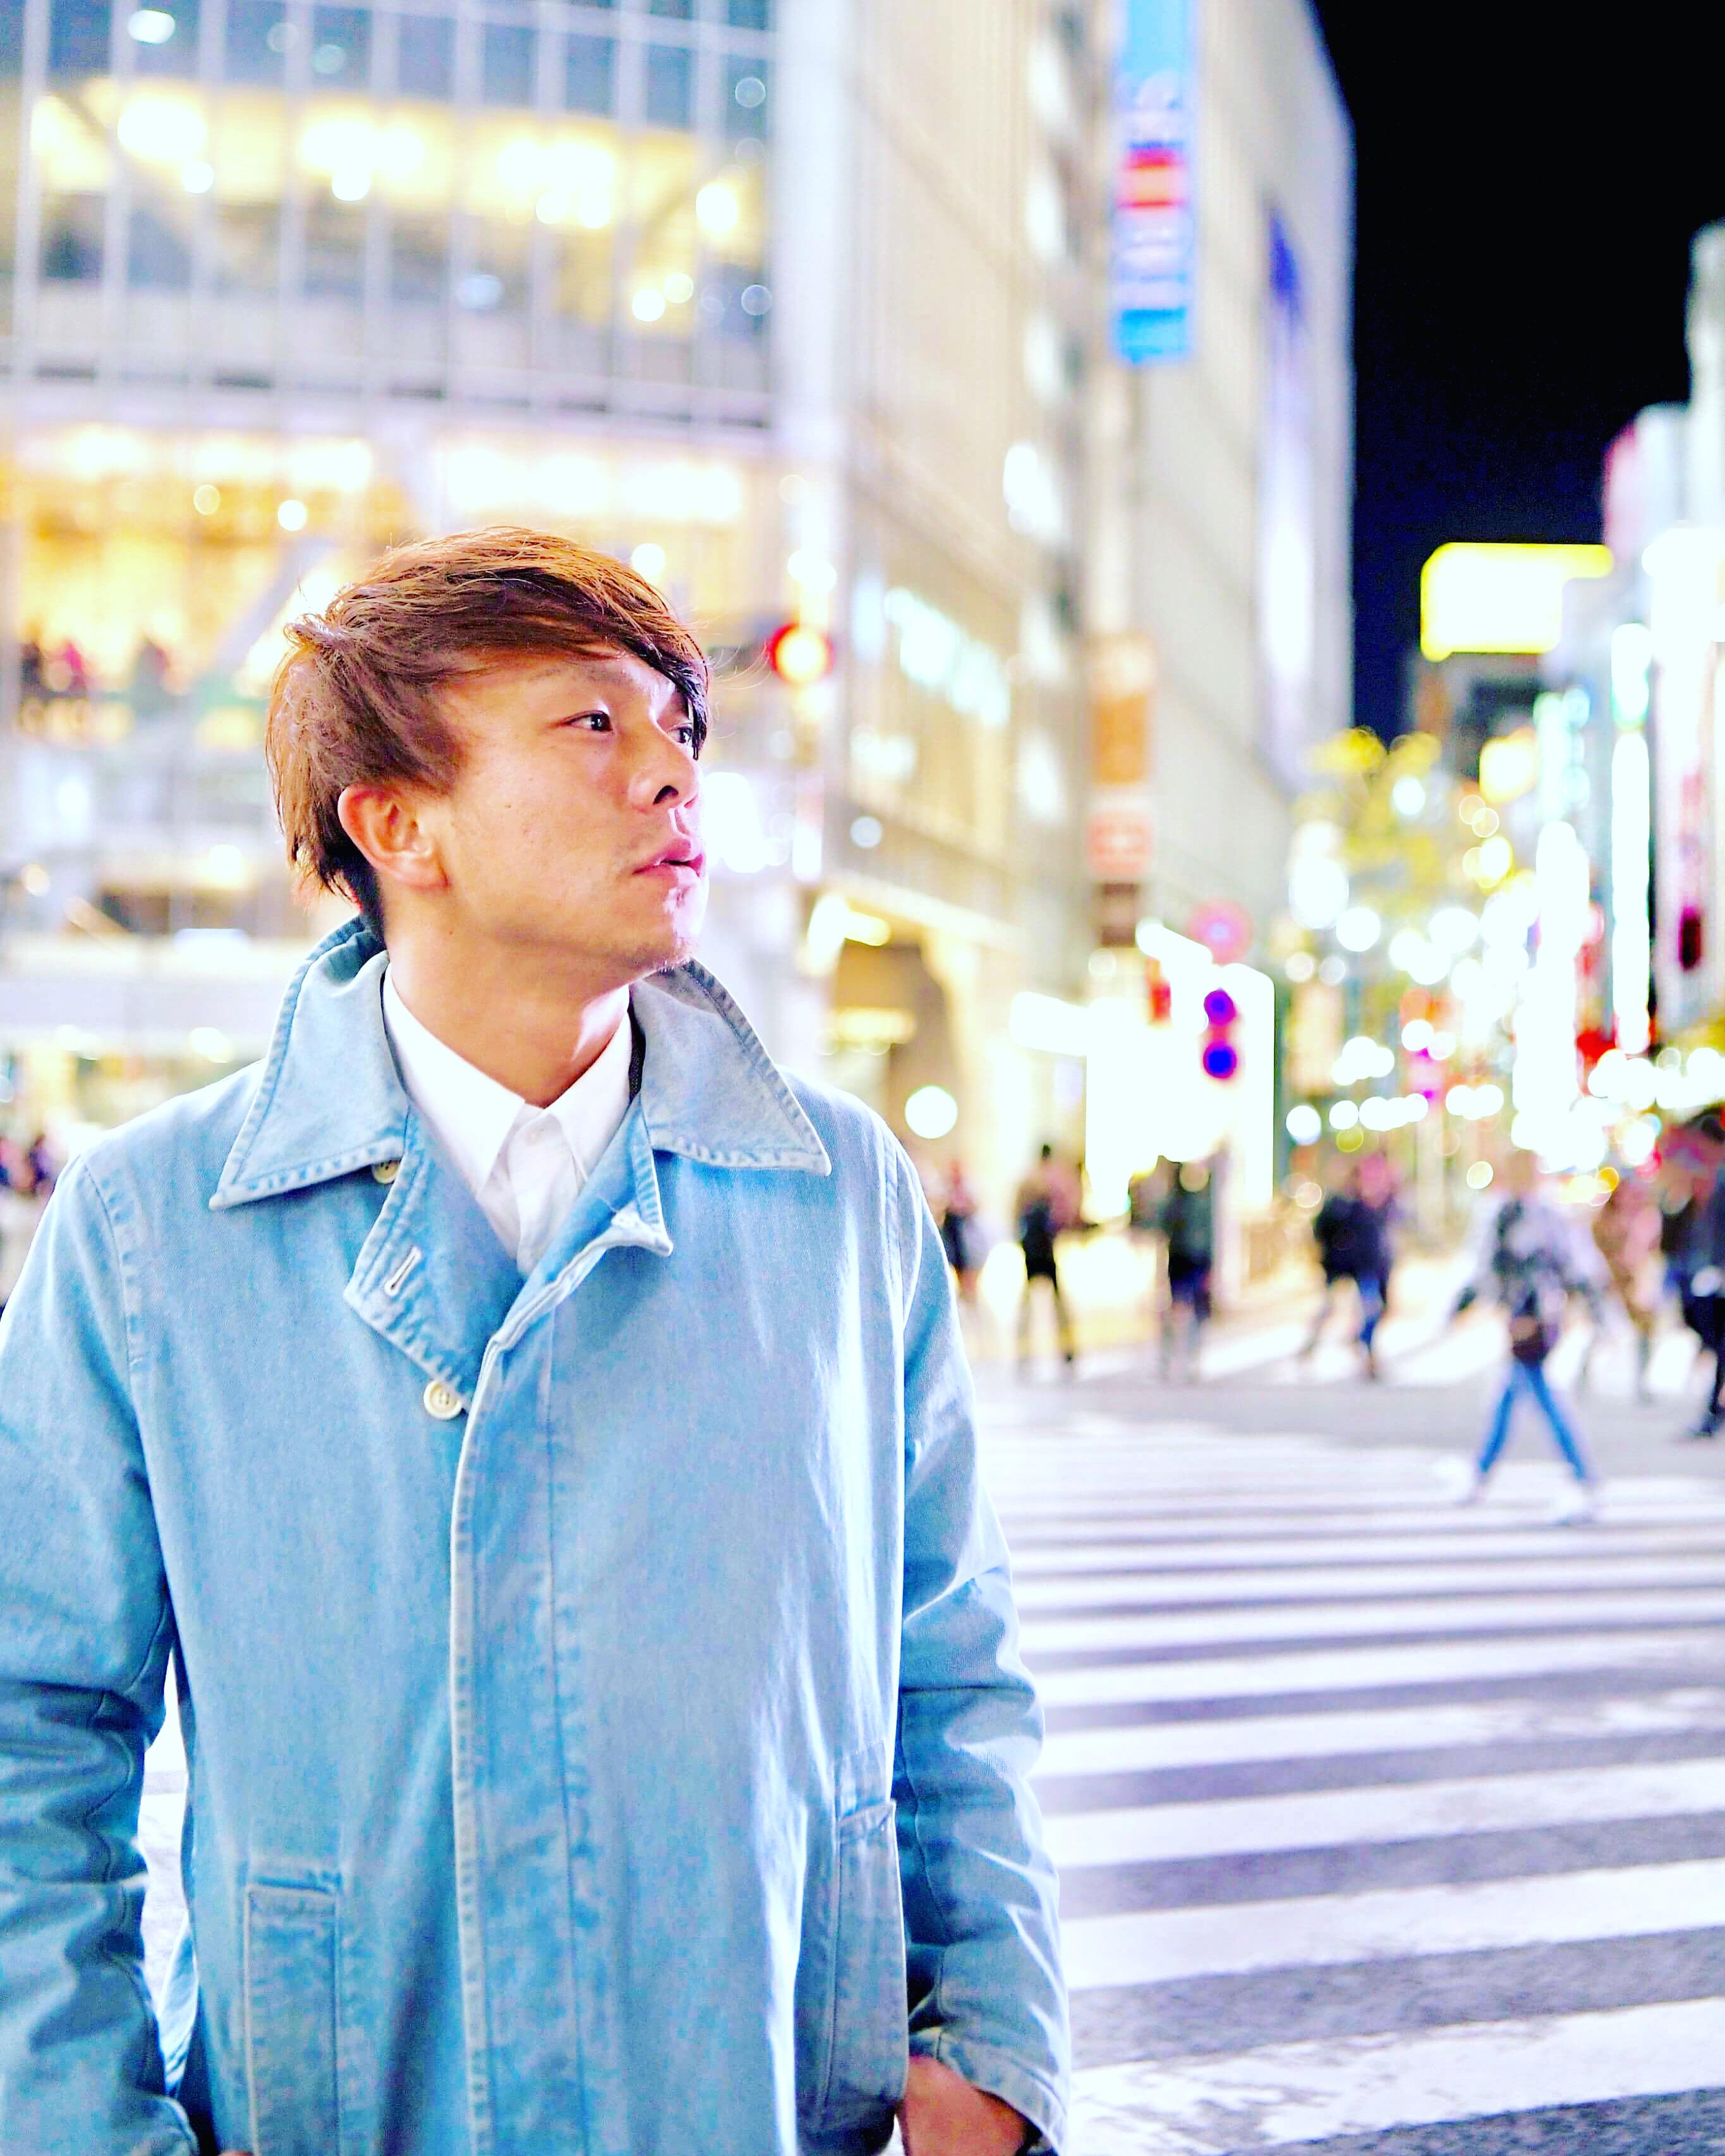 渋谷のスクランブル交差点で